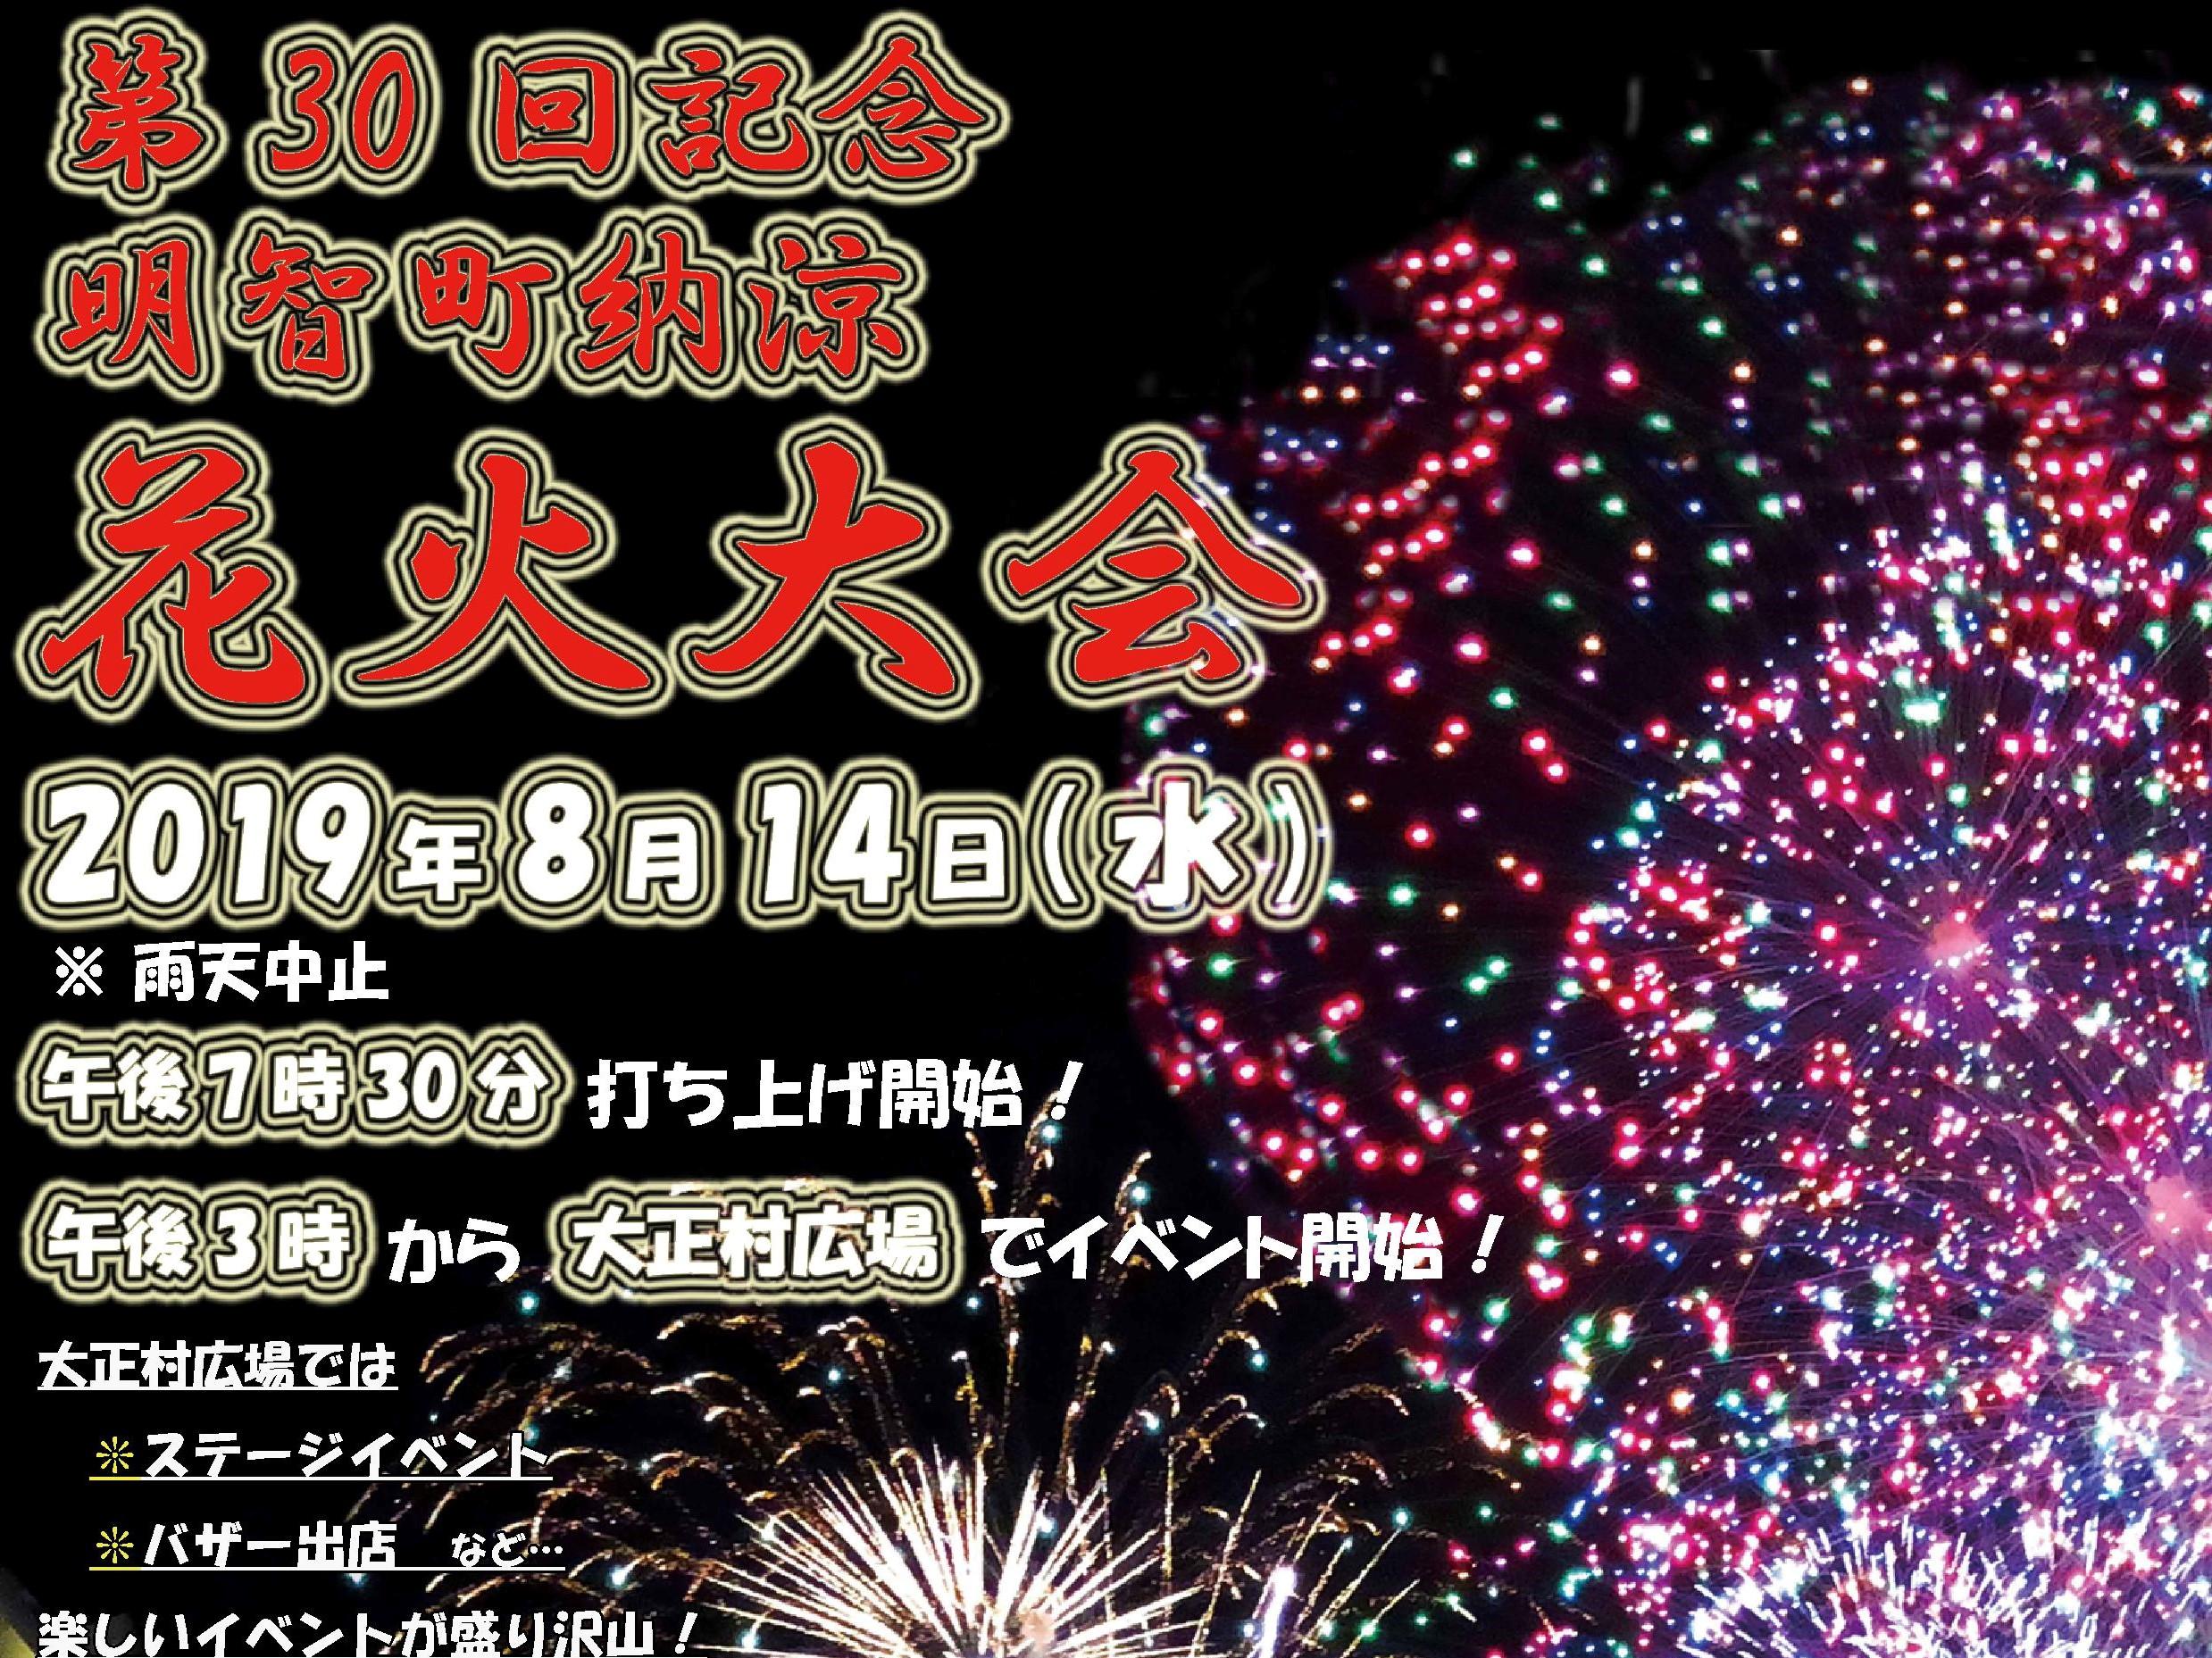 2019花火ポスター - コピー